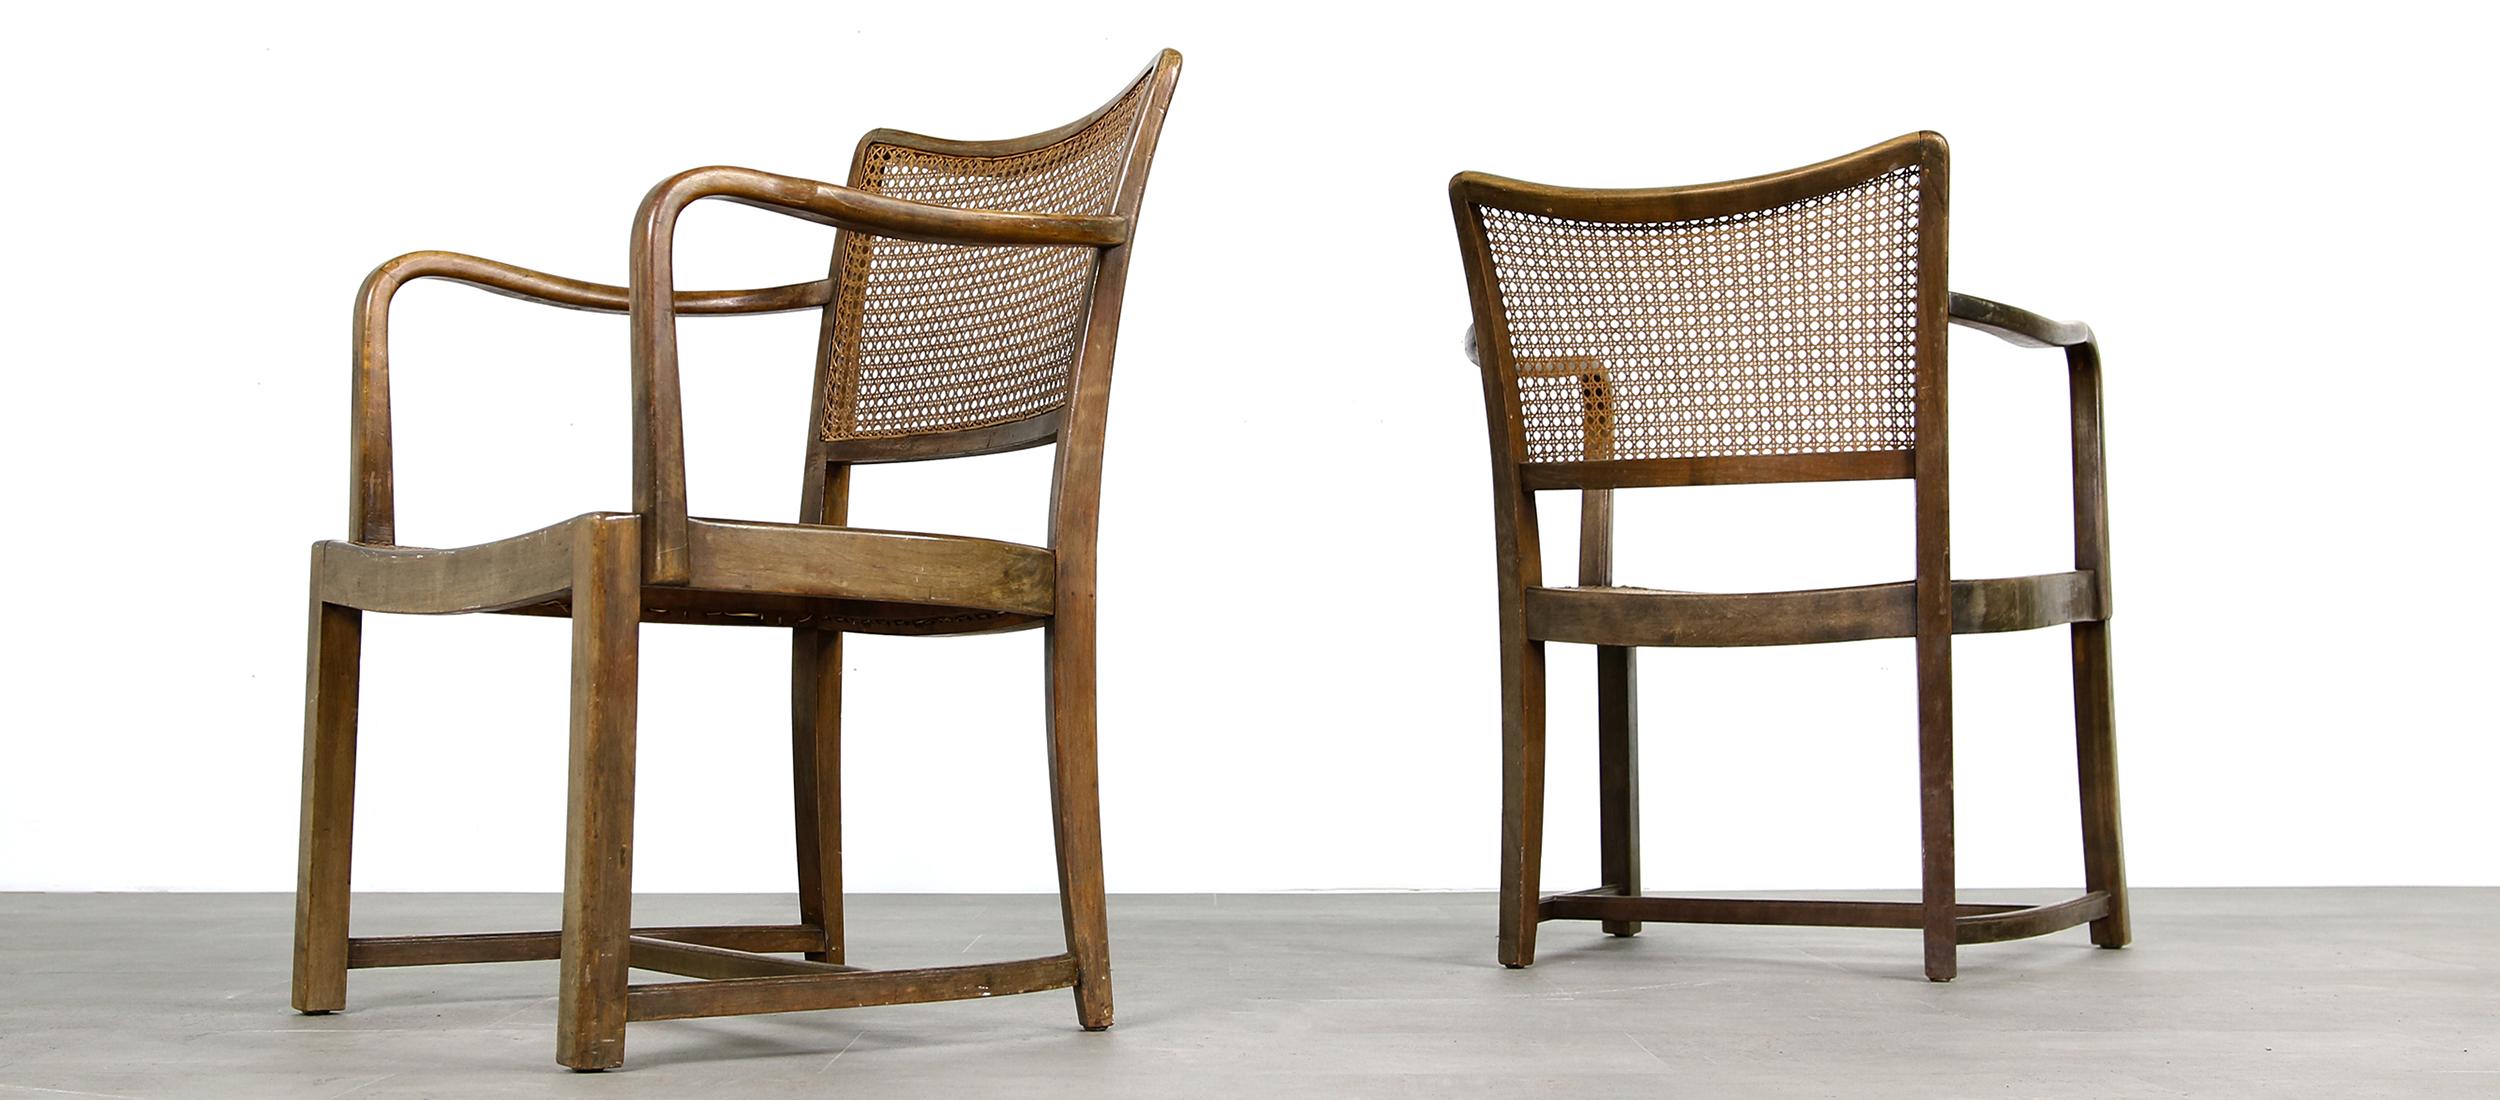 chairs, perriand, henningsen, stühle, 50er jahre, bentwood, cane, wiener geflecht